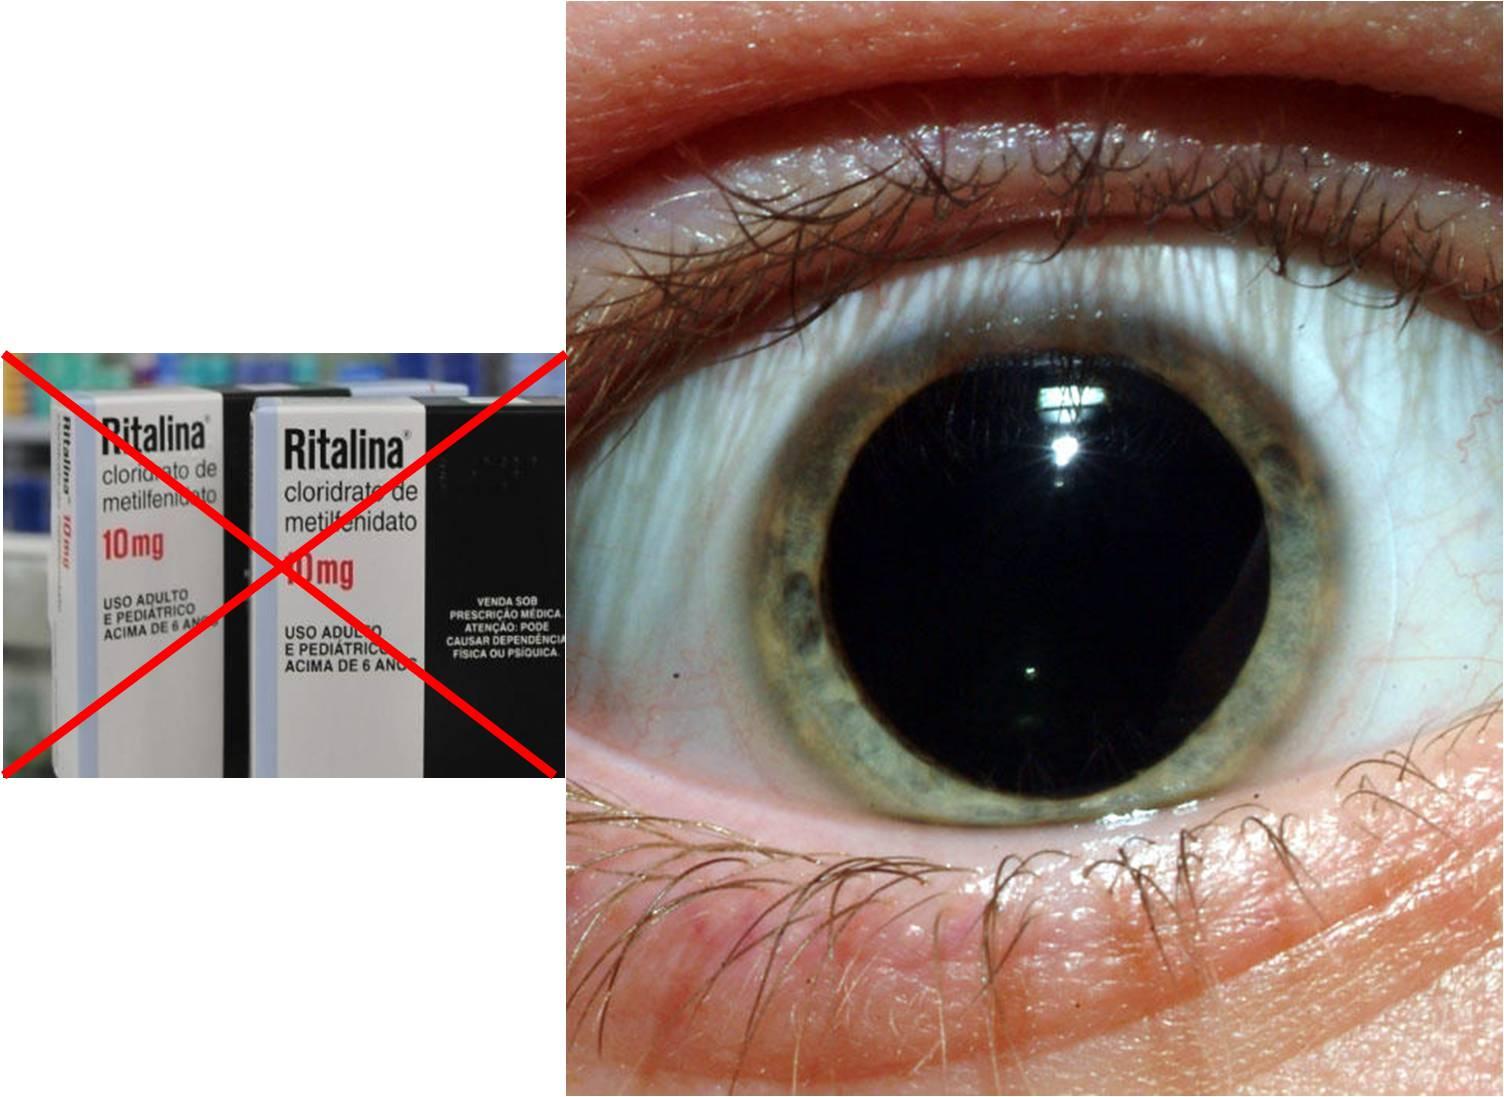 Ano Dilatado compromisso consciente: tdah e ritalina - pupilas dilatadas